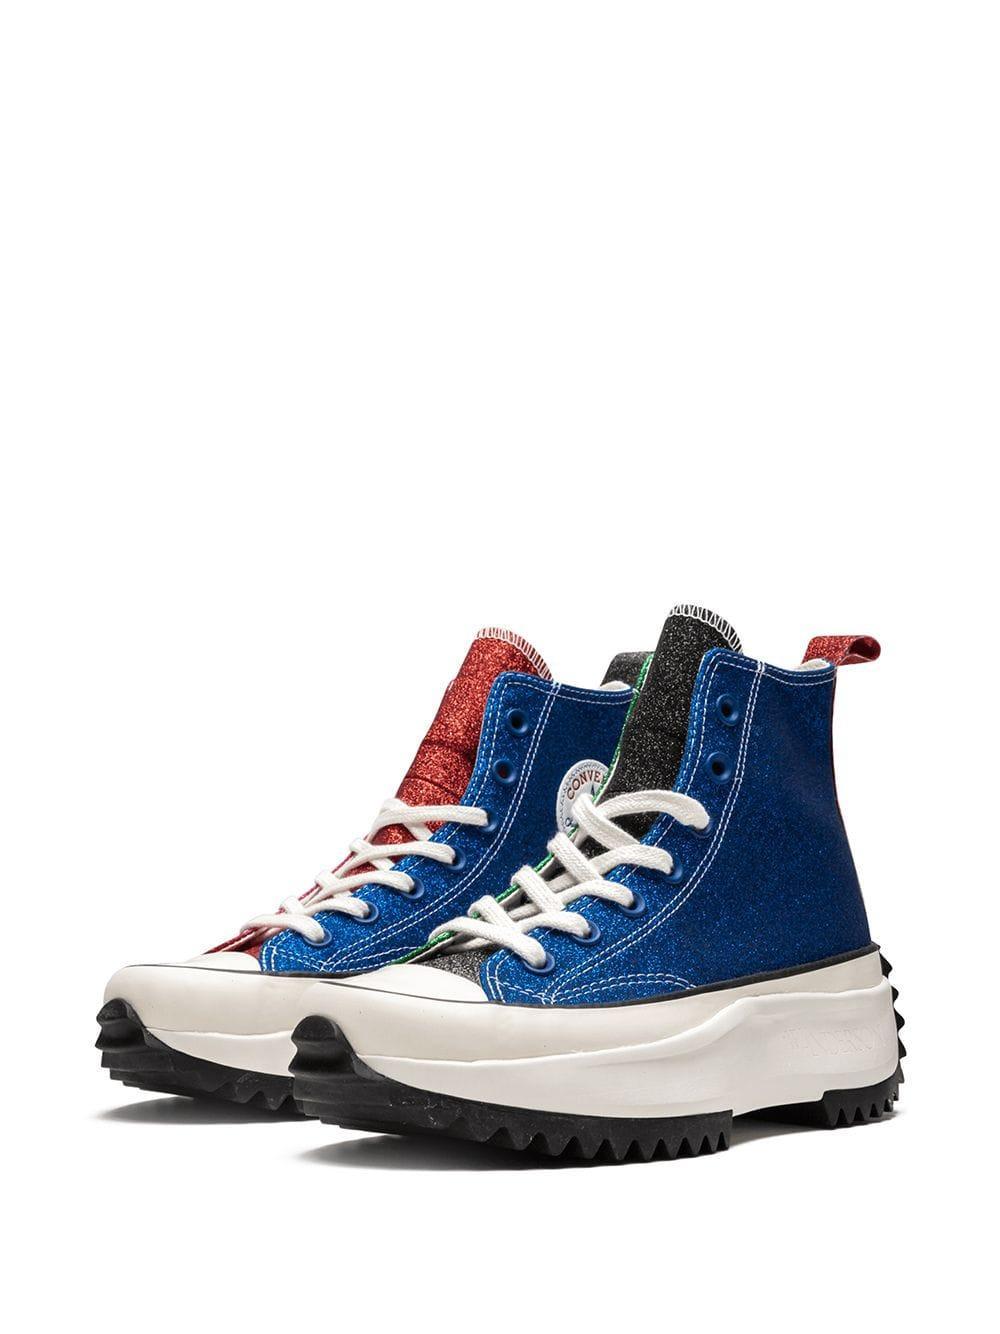 Baskets x JWA Run Star Caoutchouc Converse pour homme en coloris Bleu Yt5d